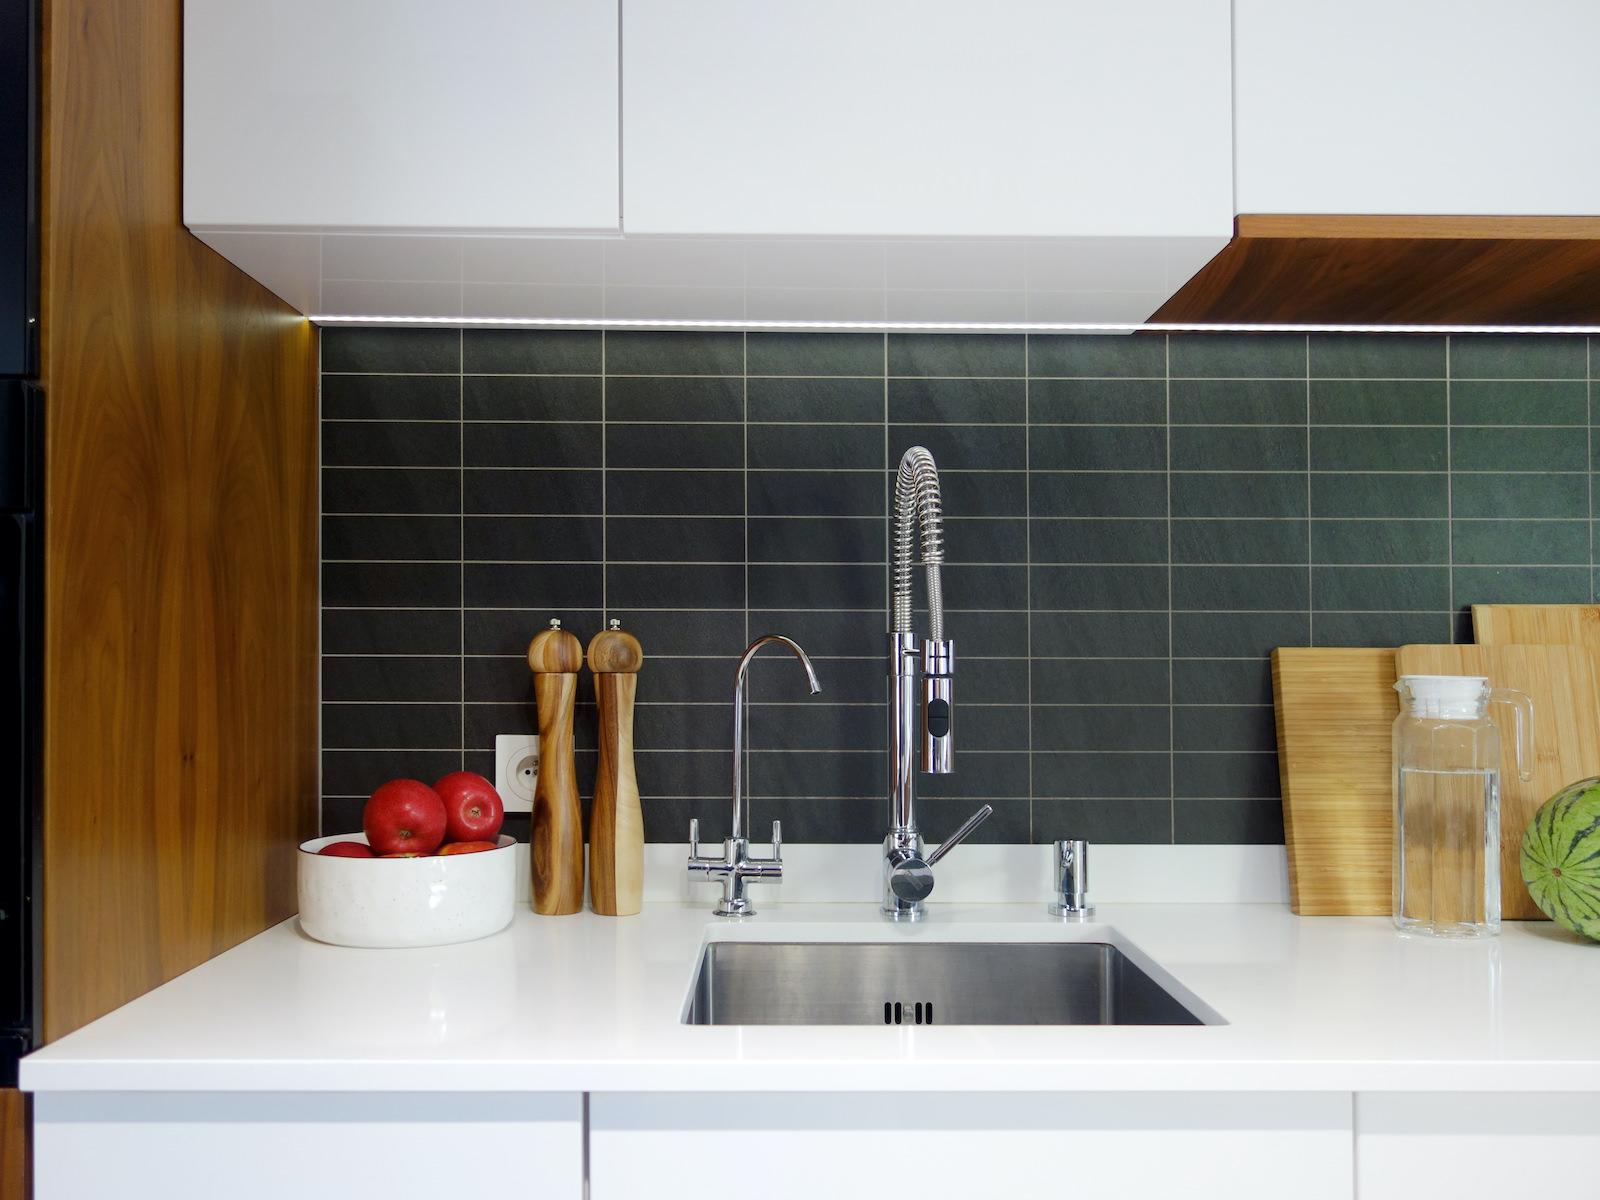 14 projektant wnetrz R056 dom dabrowa gornicza kuchnia bialy blat kuchenny plytki miedzy szafkami okap w zabudowie